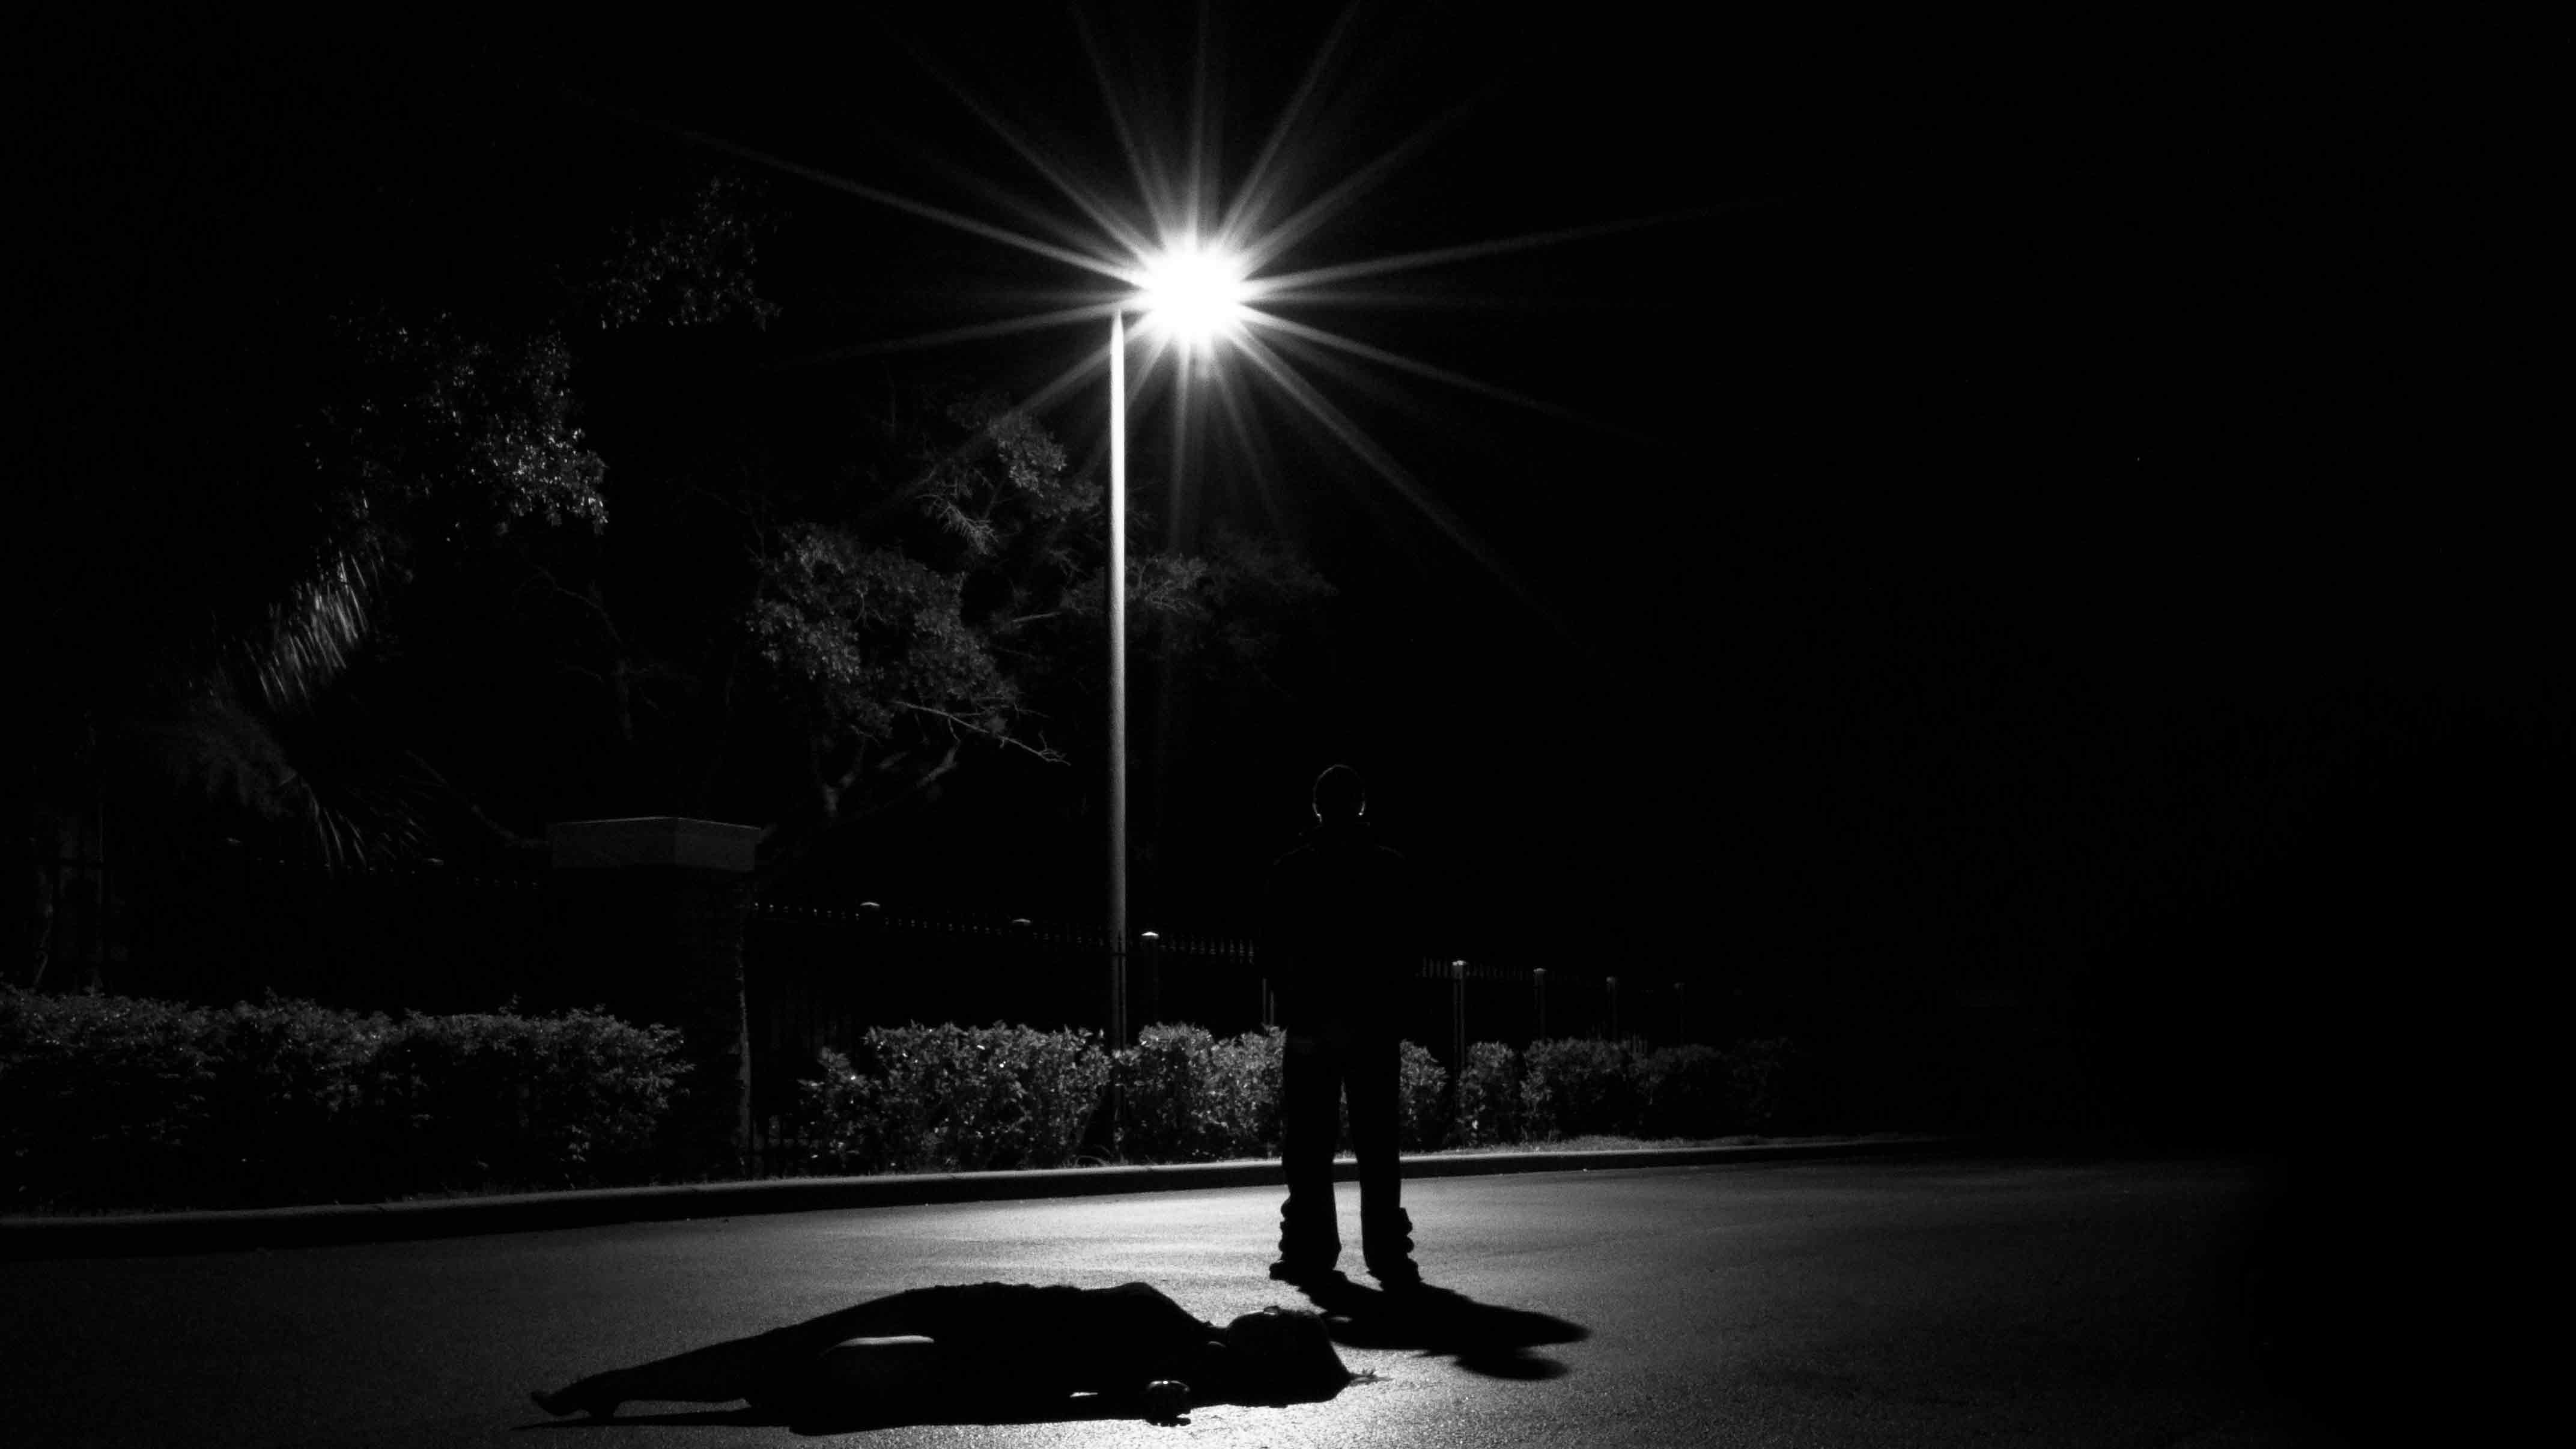 Dark figure standing beneath a street light over an unconscious figure